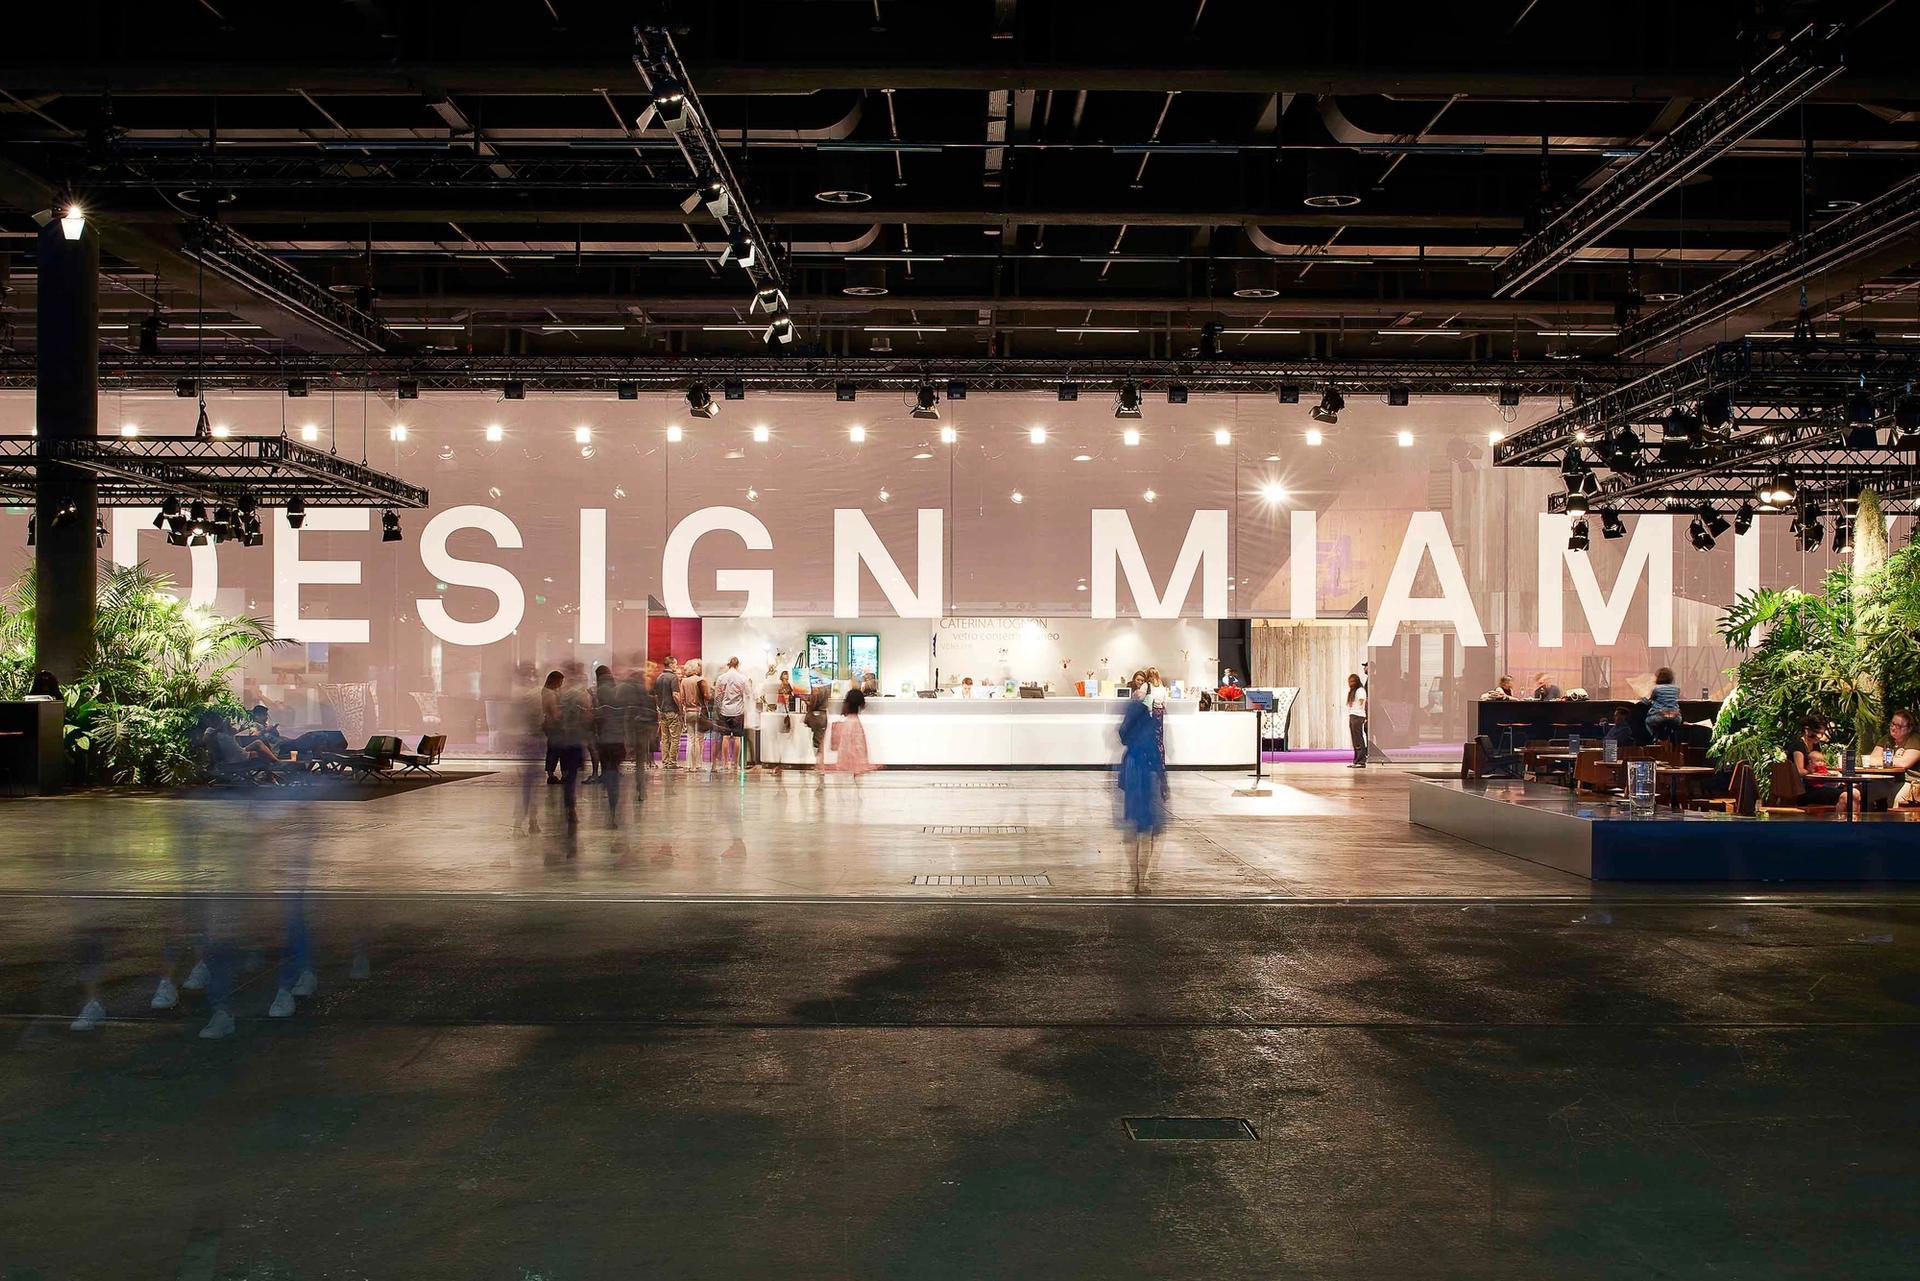 Design Miami/Basel in 2019 Courtesy of Design Miami/Basel